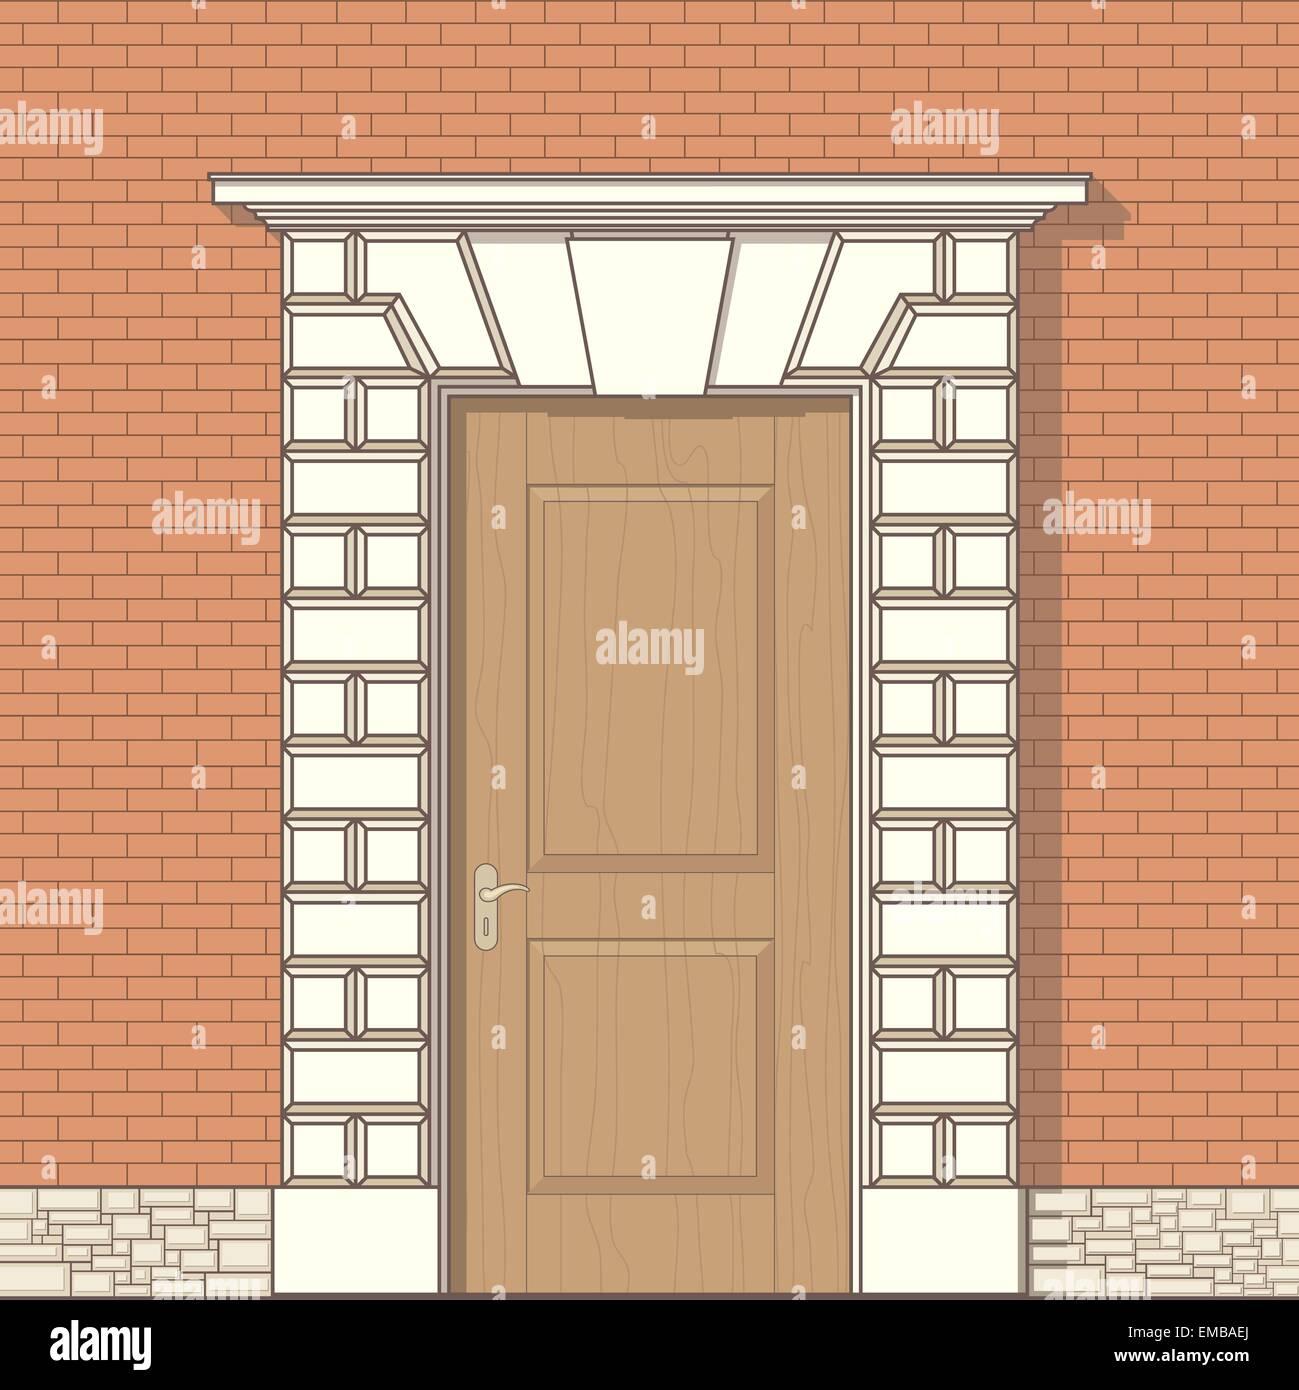 Front Door Drawing vector drawing of front door stock vector art & illustration